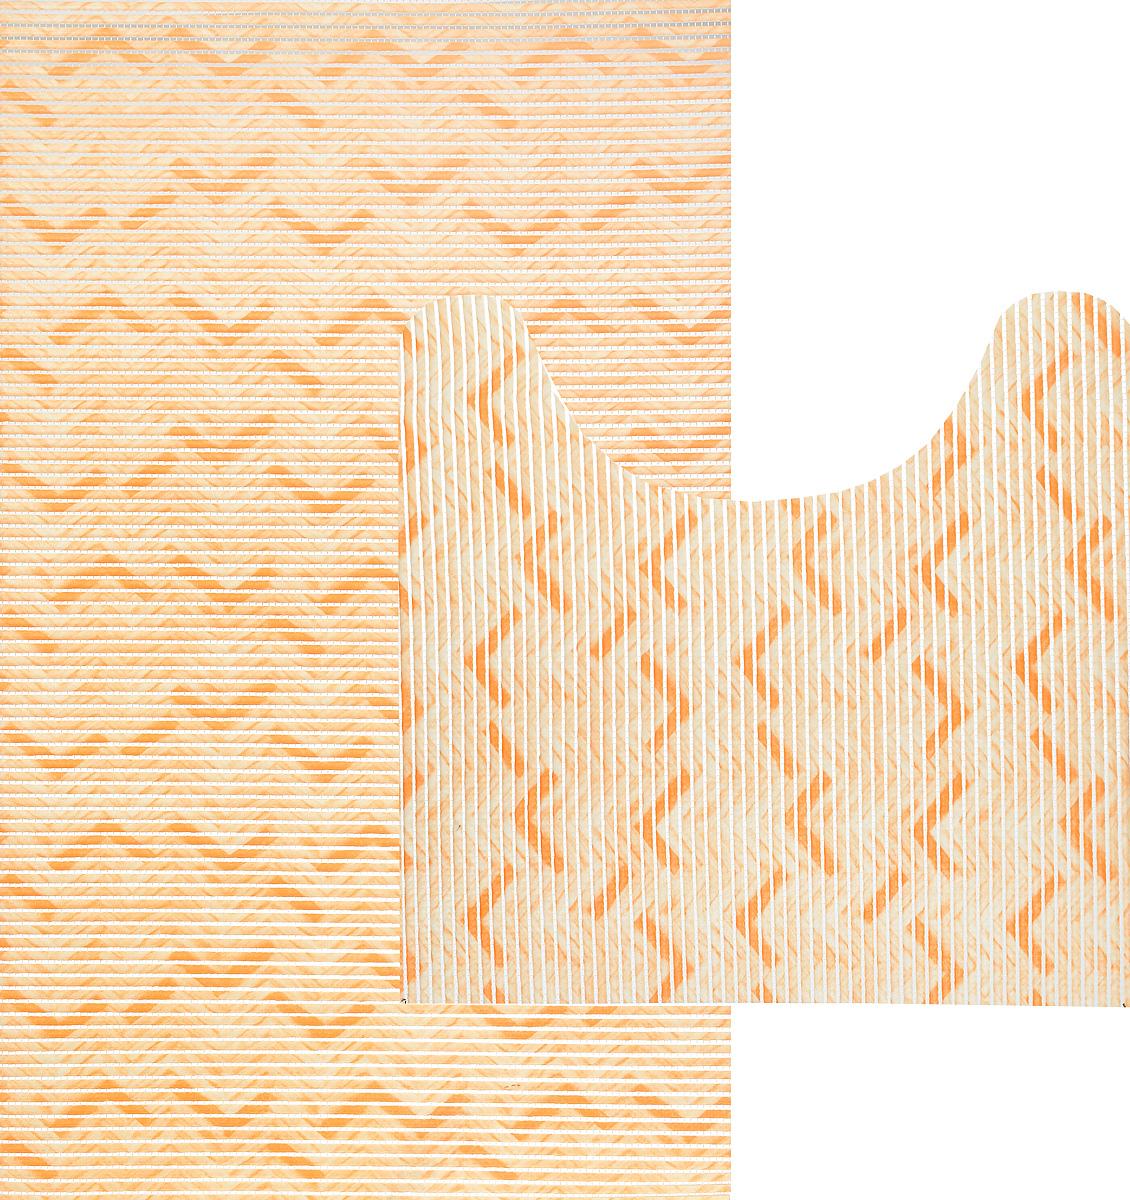 Комплект ковриков для ванной Fresh Code Зигзаг, цвет: светло-оранжевый, 2 предмета. 61261216_ оранжевый, зигзагКомплект Fresh Code Зигзаг состоит из коврика для ванной комнаты и туалета. Коврики выполнены из мягкого ПВХ с шероховатой антискользящей поверхностью, которая создает комфортное покрытие в ванной комнате. Поверхность ковриков перфорирована. Изделия оформлены оригинальным рисунком. Рекомендации по уходу: протрите коврик влажной губкой с моющим средством, тщательно ополосните чистой водой и просушите. Набор для ванной Fresh Code Зигзаг подарит ощущение тепла и комфорта, а также привнесет уют в вашу ванную комнату. Размер коврика для ванной комнаты: 48 х 80 см. Размер коврика для туалета: 48 х 48 см.